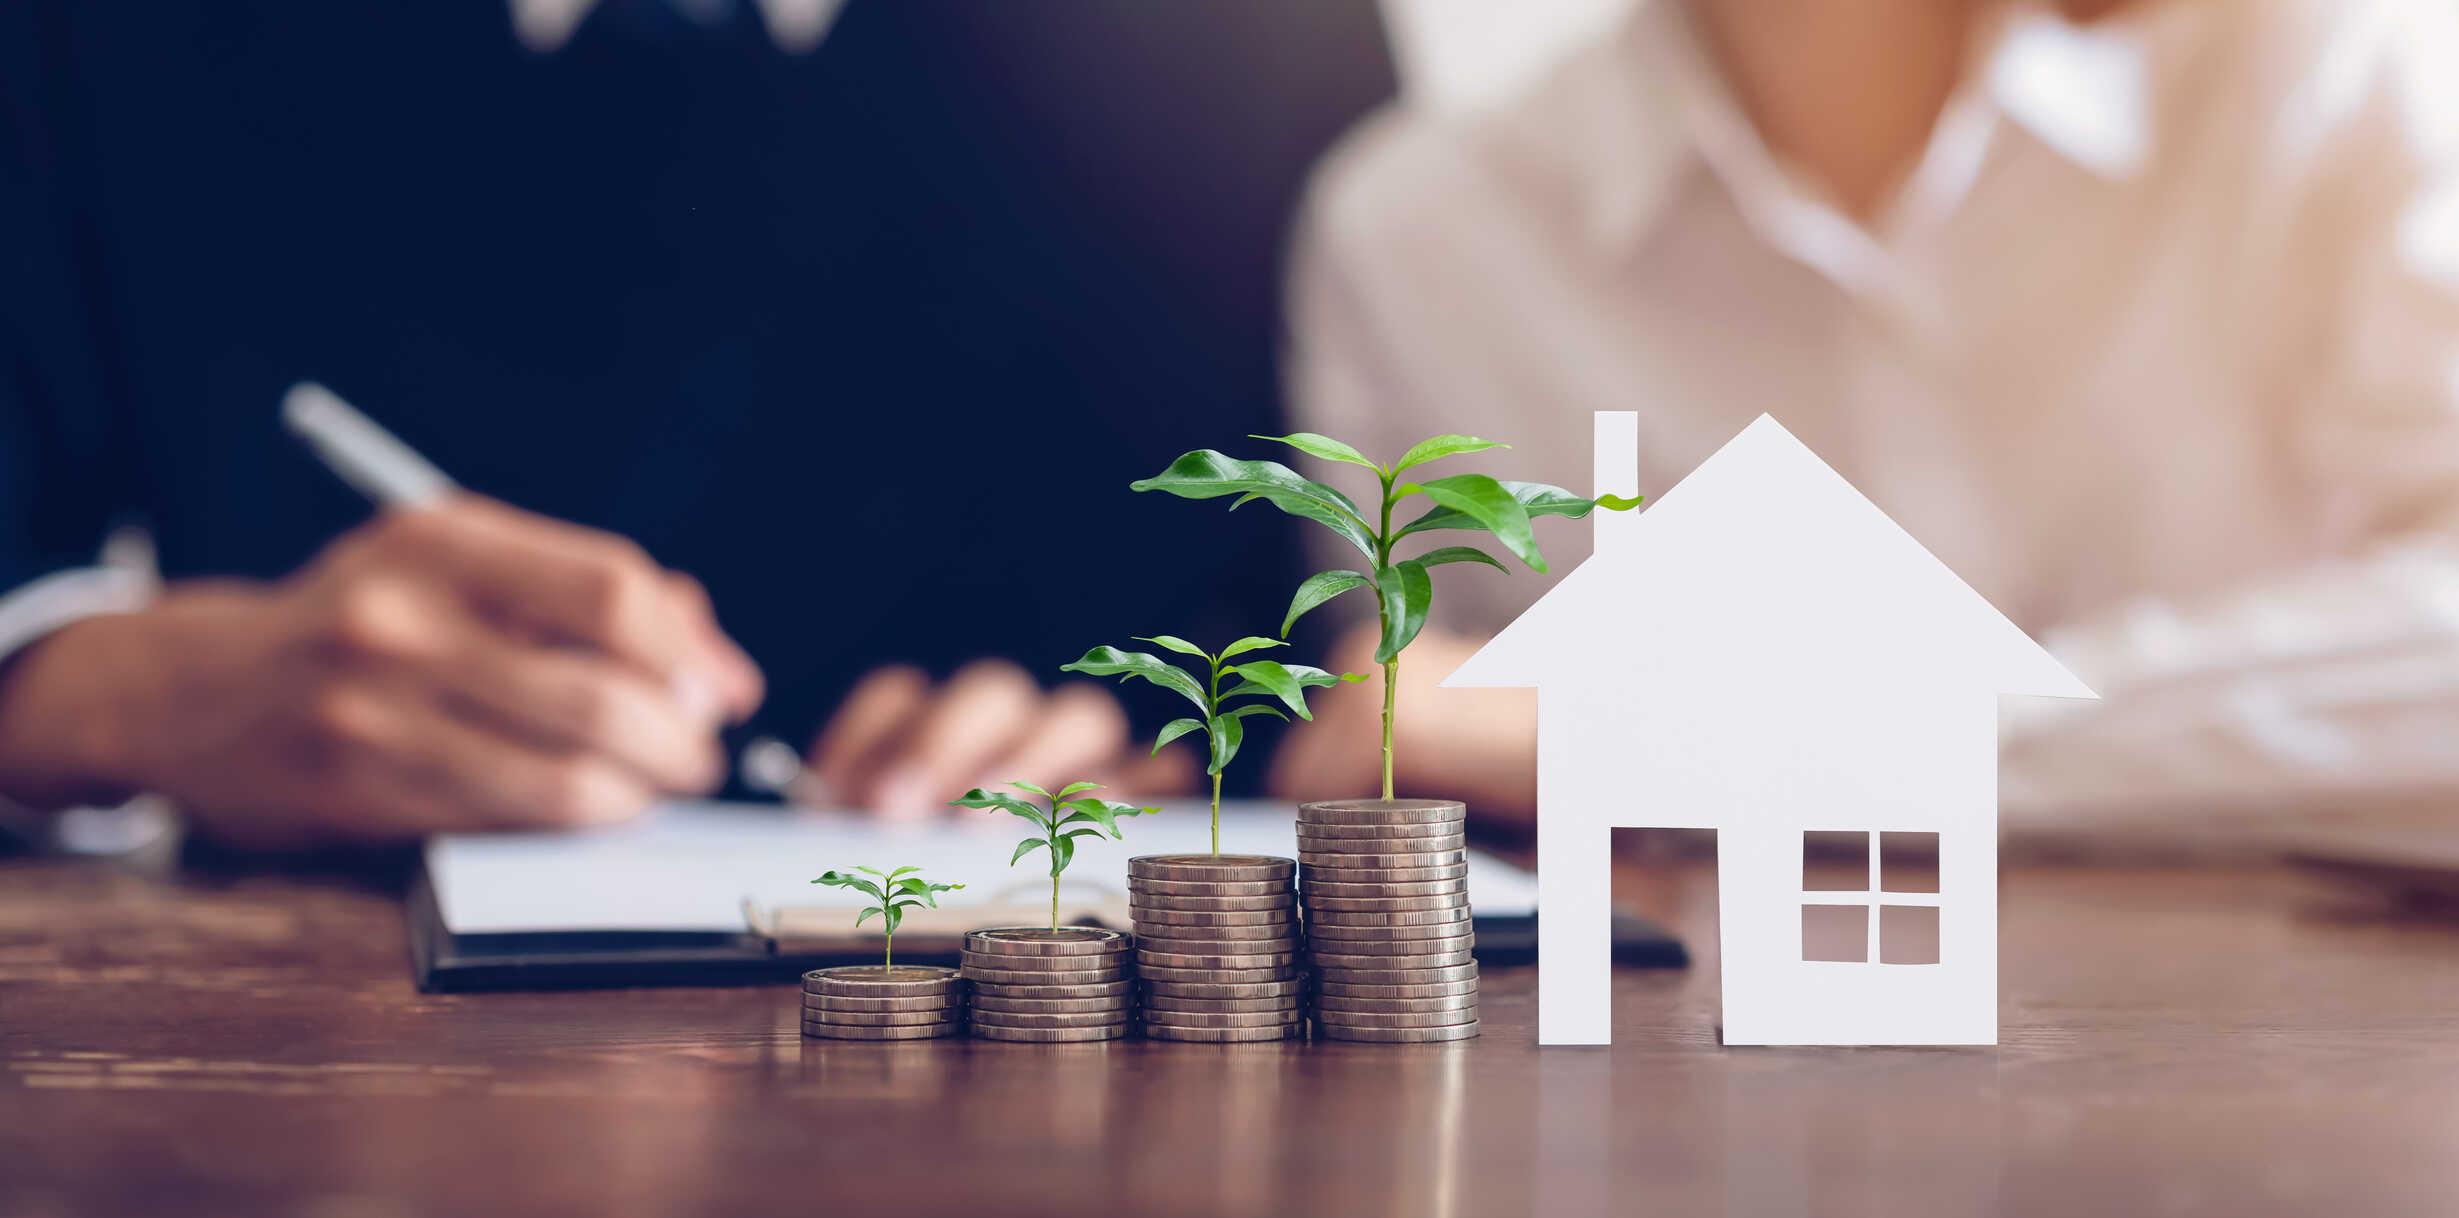 Lepší a ekologičtější bydlení: Díky státním dotacím i výhodné eko půjčce